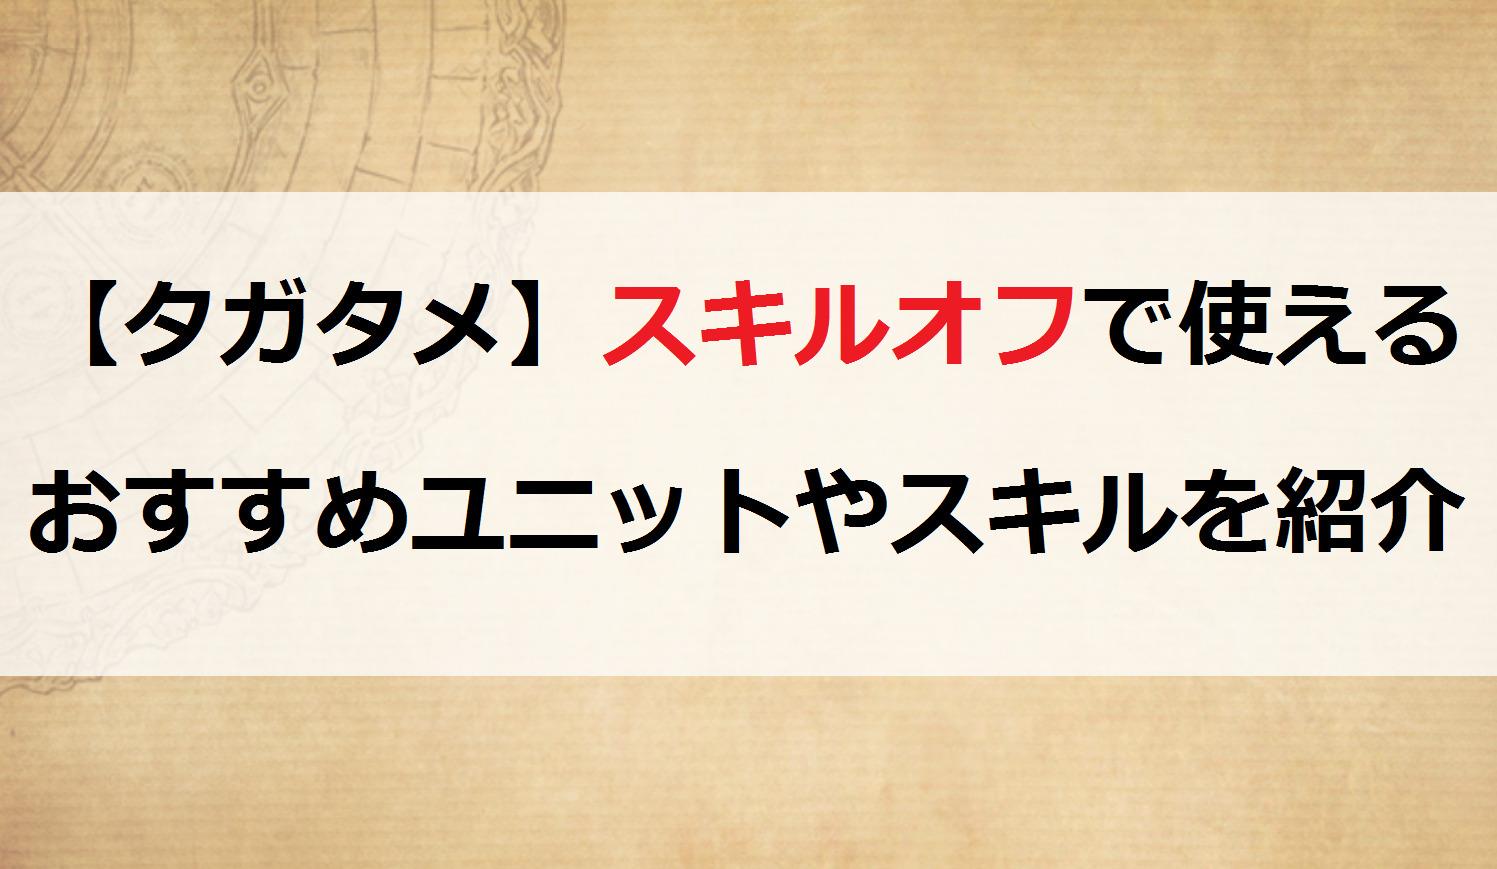 【タガタメ】スキルオフで使えるおすすめユニットやスキルを紹介